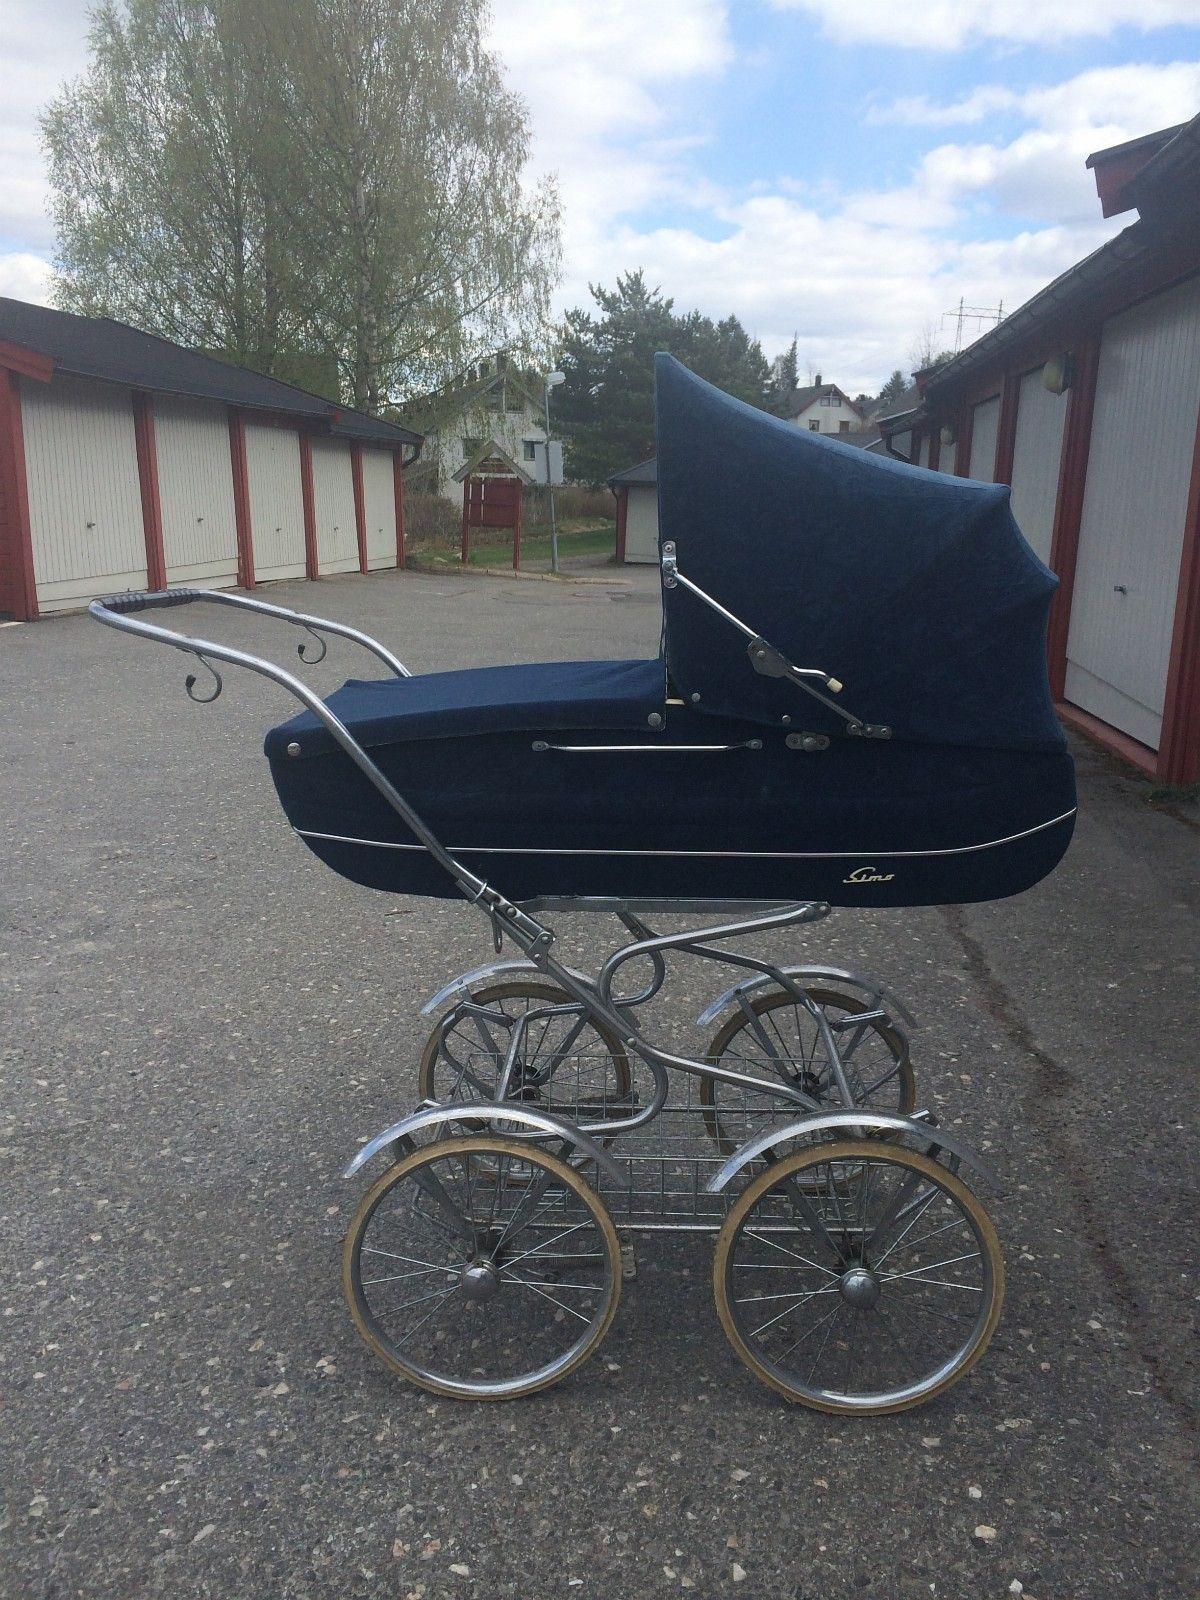 retro barnevogn FINN – Simo retro barnevogn   vintage baby carriage   Pinterest  retro barnevogn